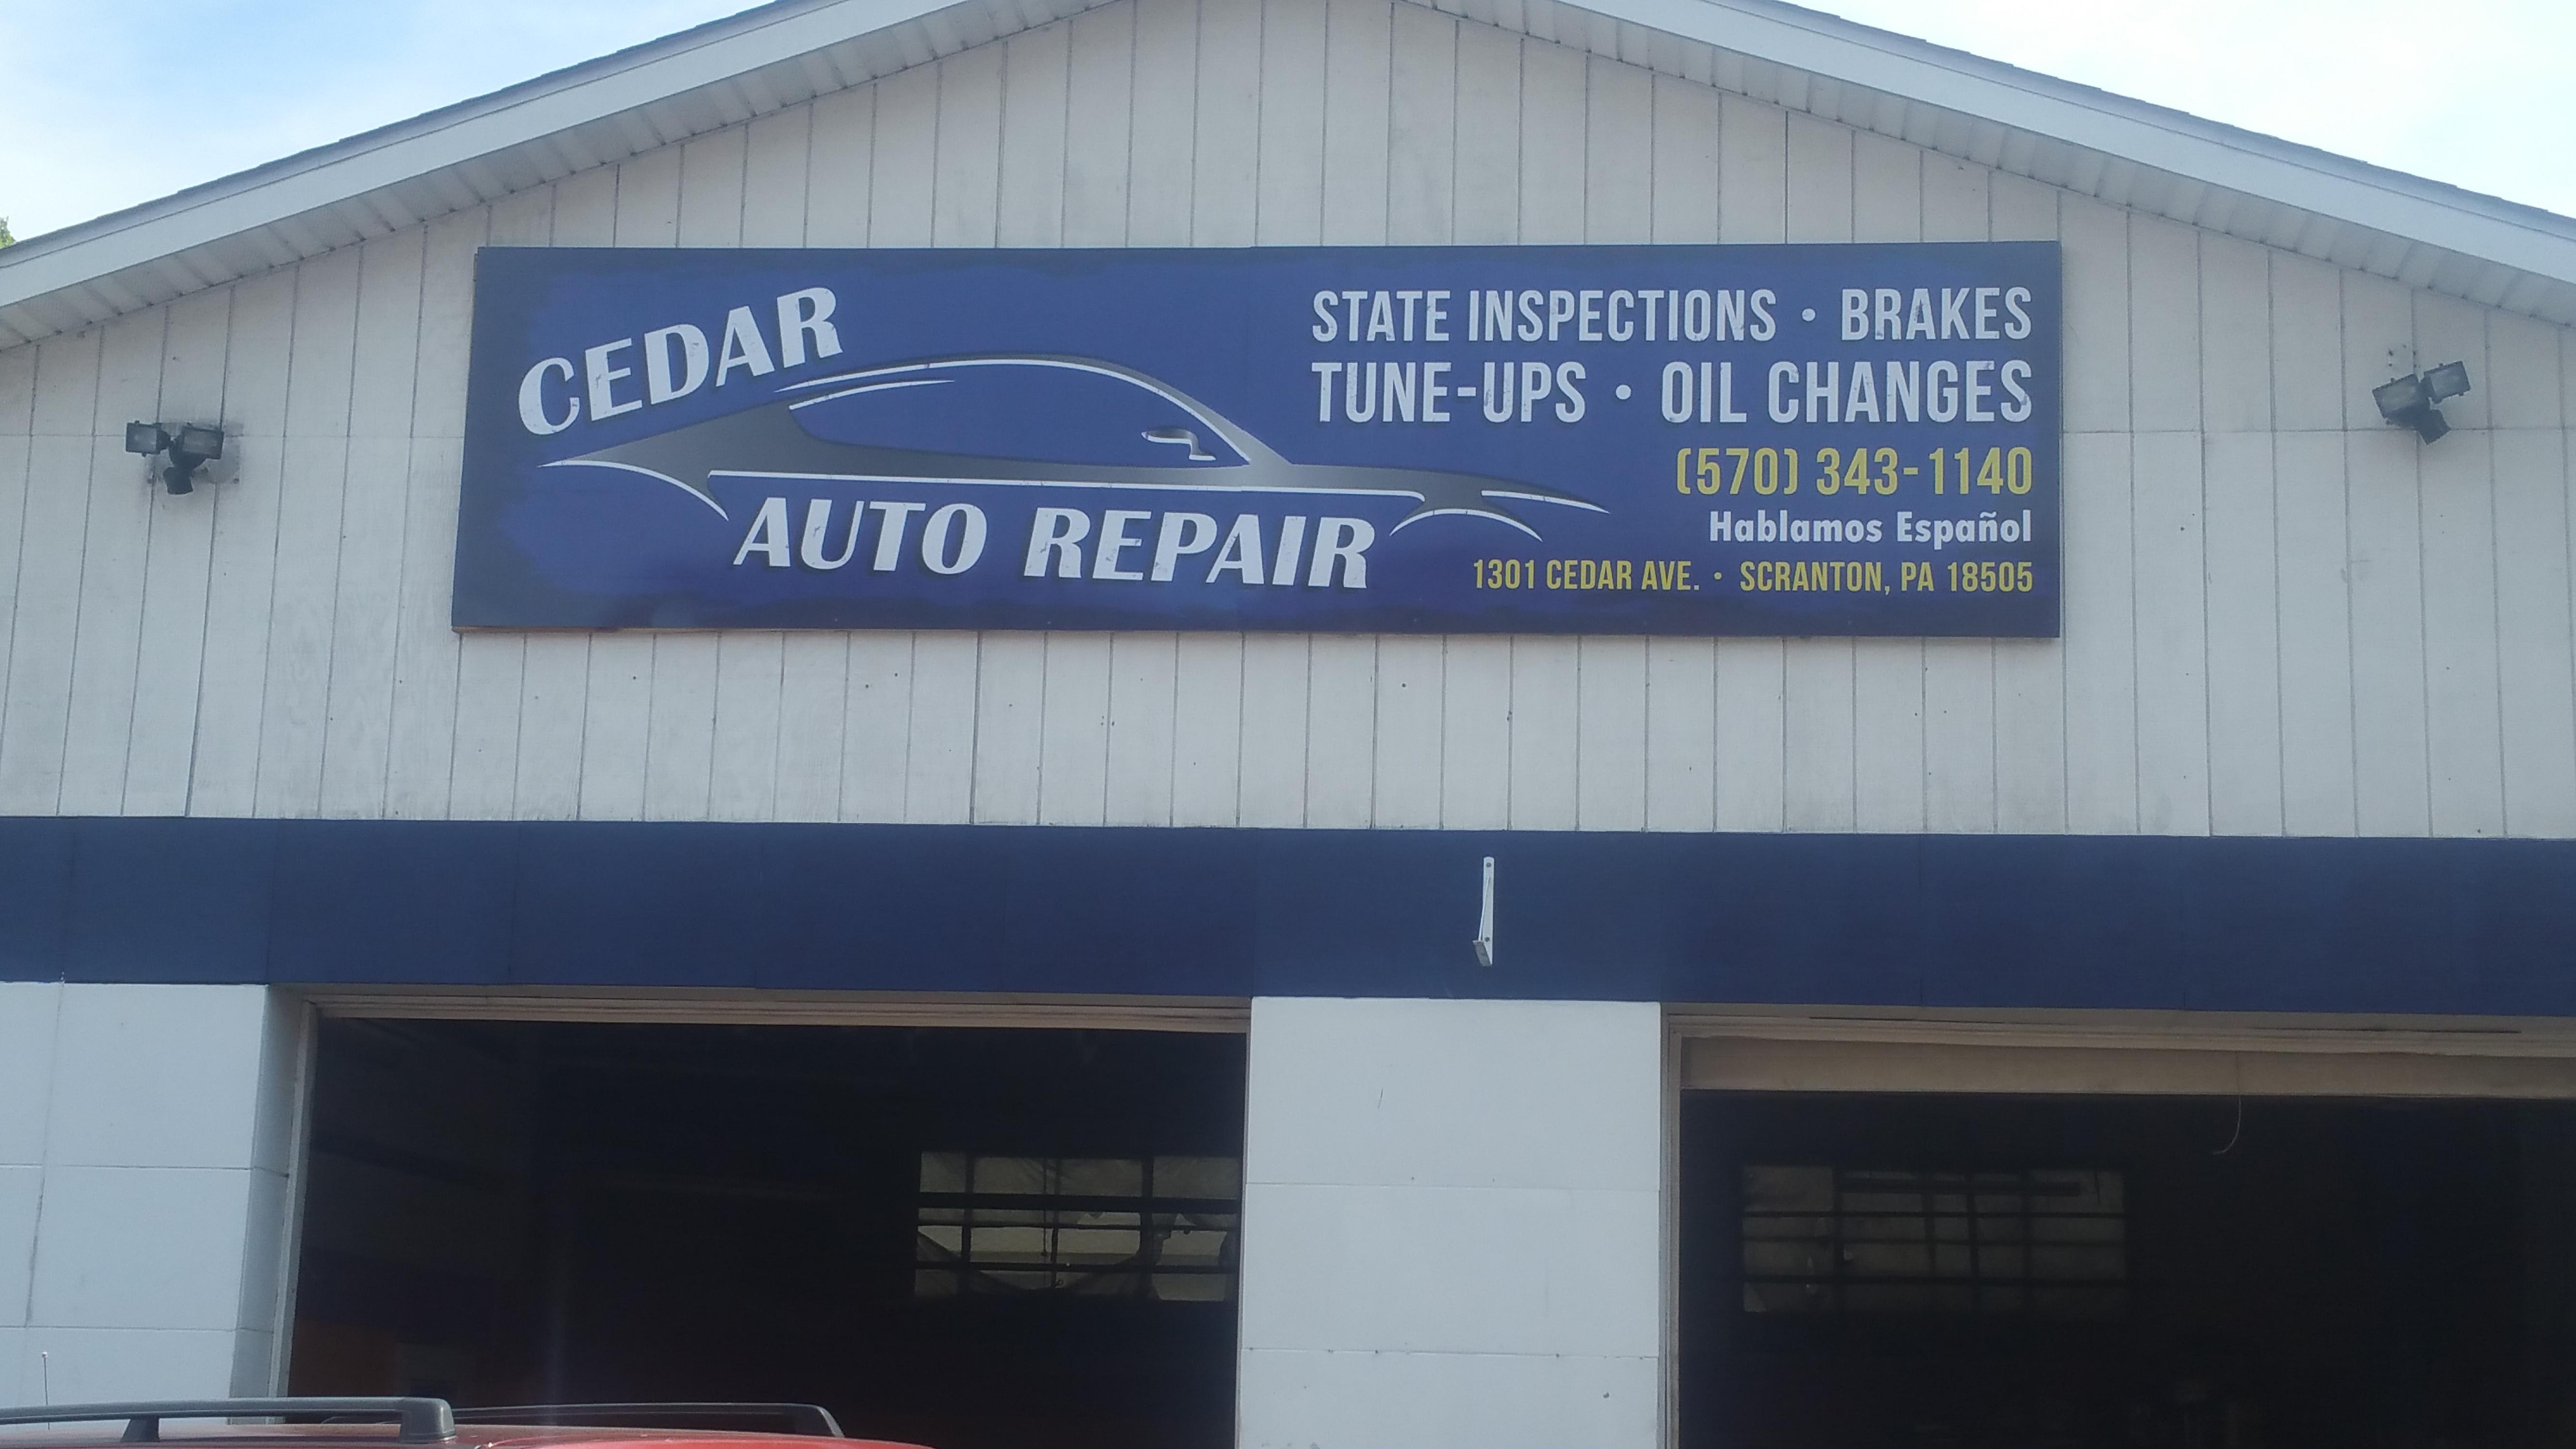 Cedar Auto Repair image 4